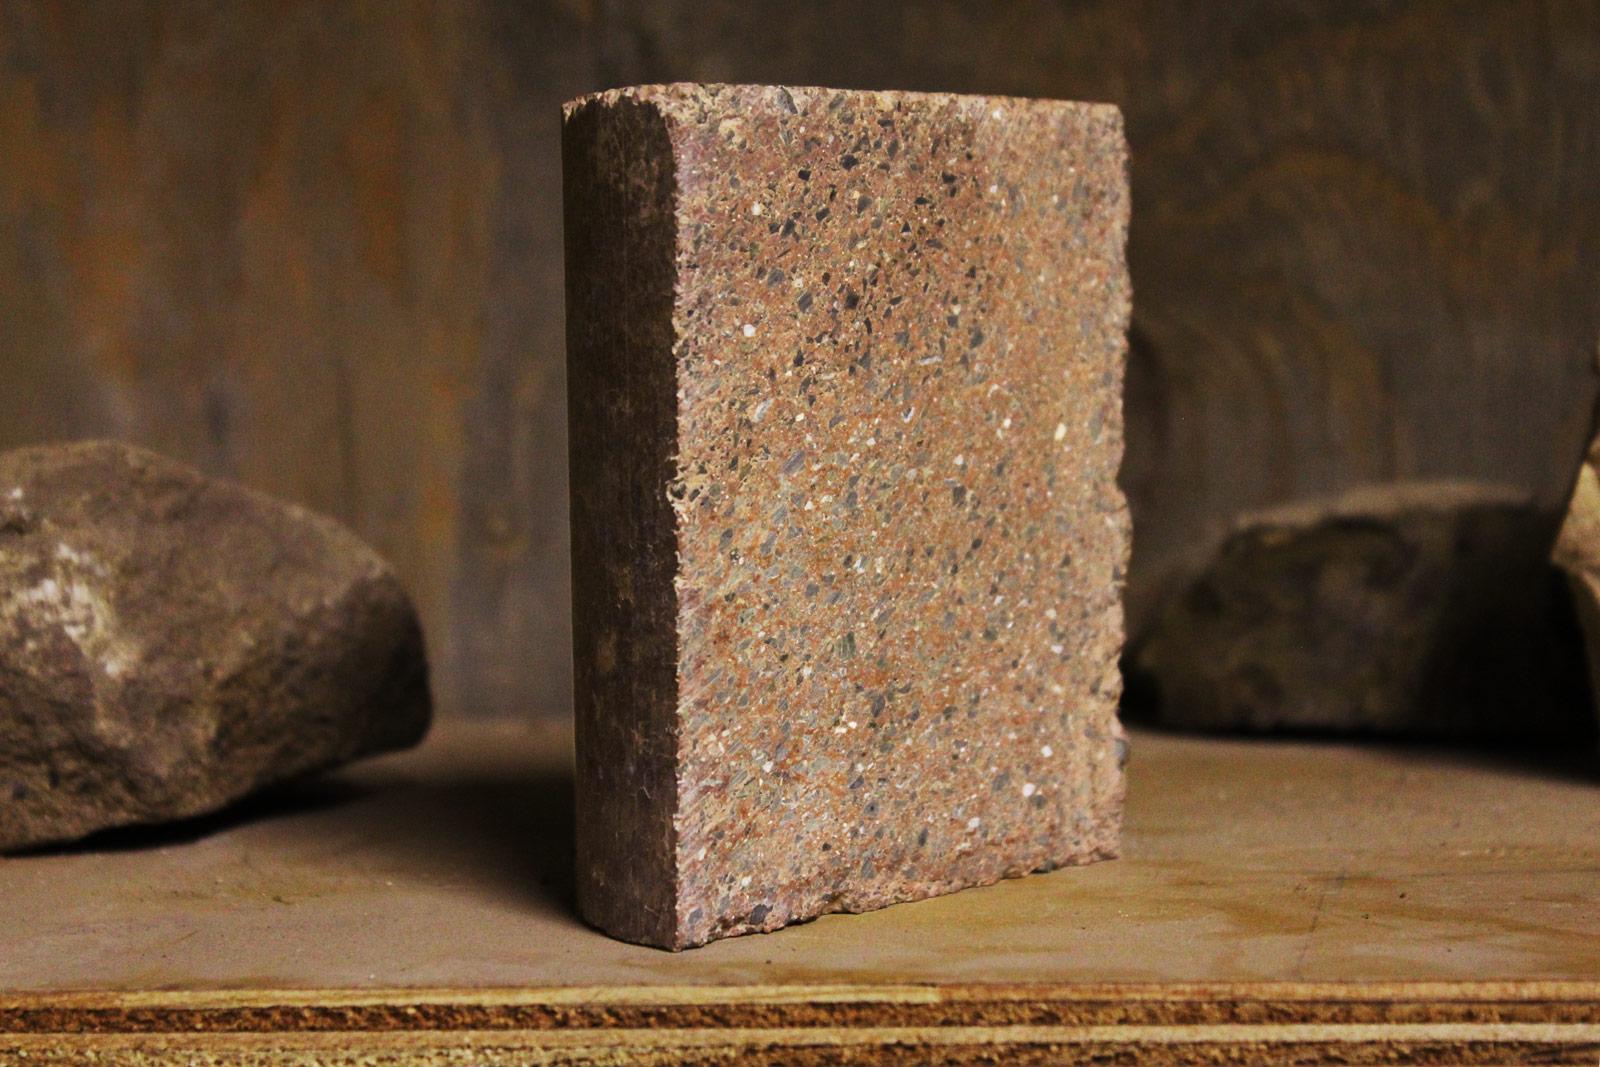 유역 재료로 만든 새로운 지오 폴리머 벽돌로 천연 점토를 내구성있는 건축 제품으로 전환-유역 재료-새로운 콘크리트 블록을위한 기술